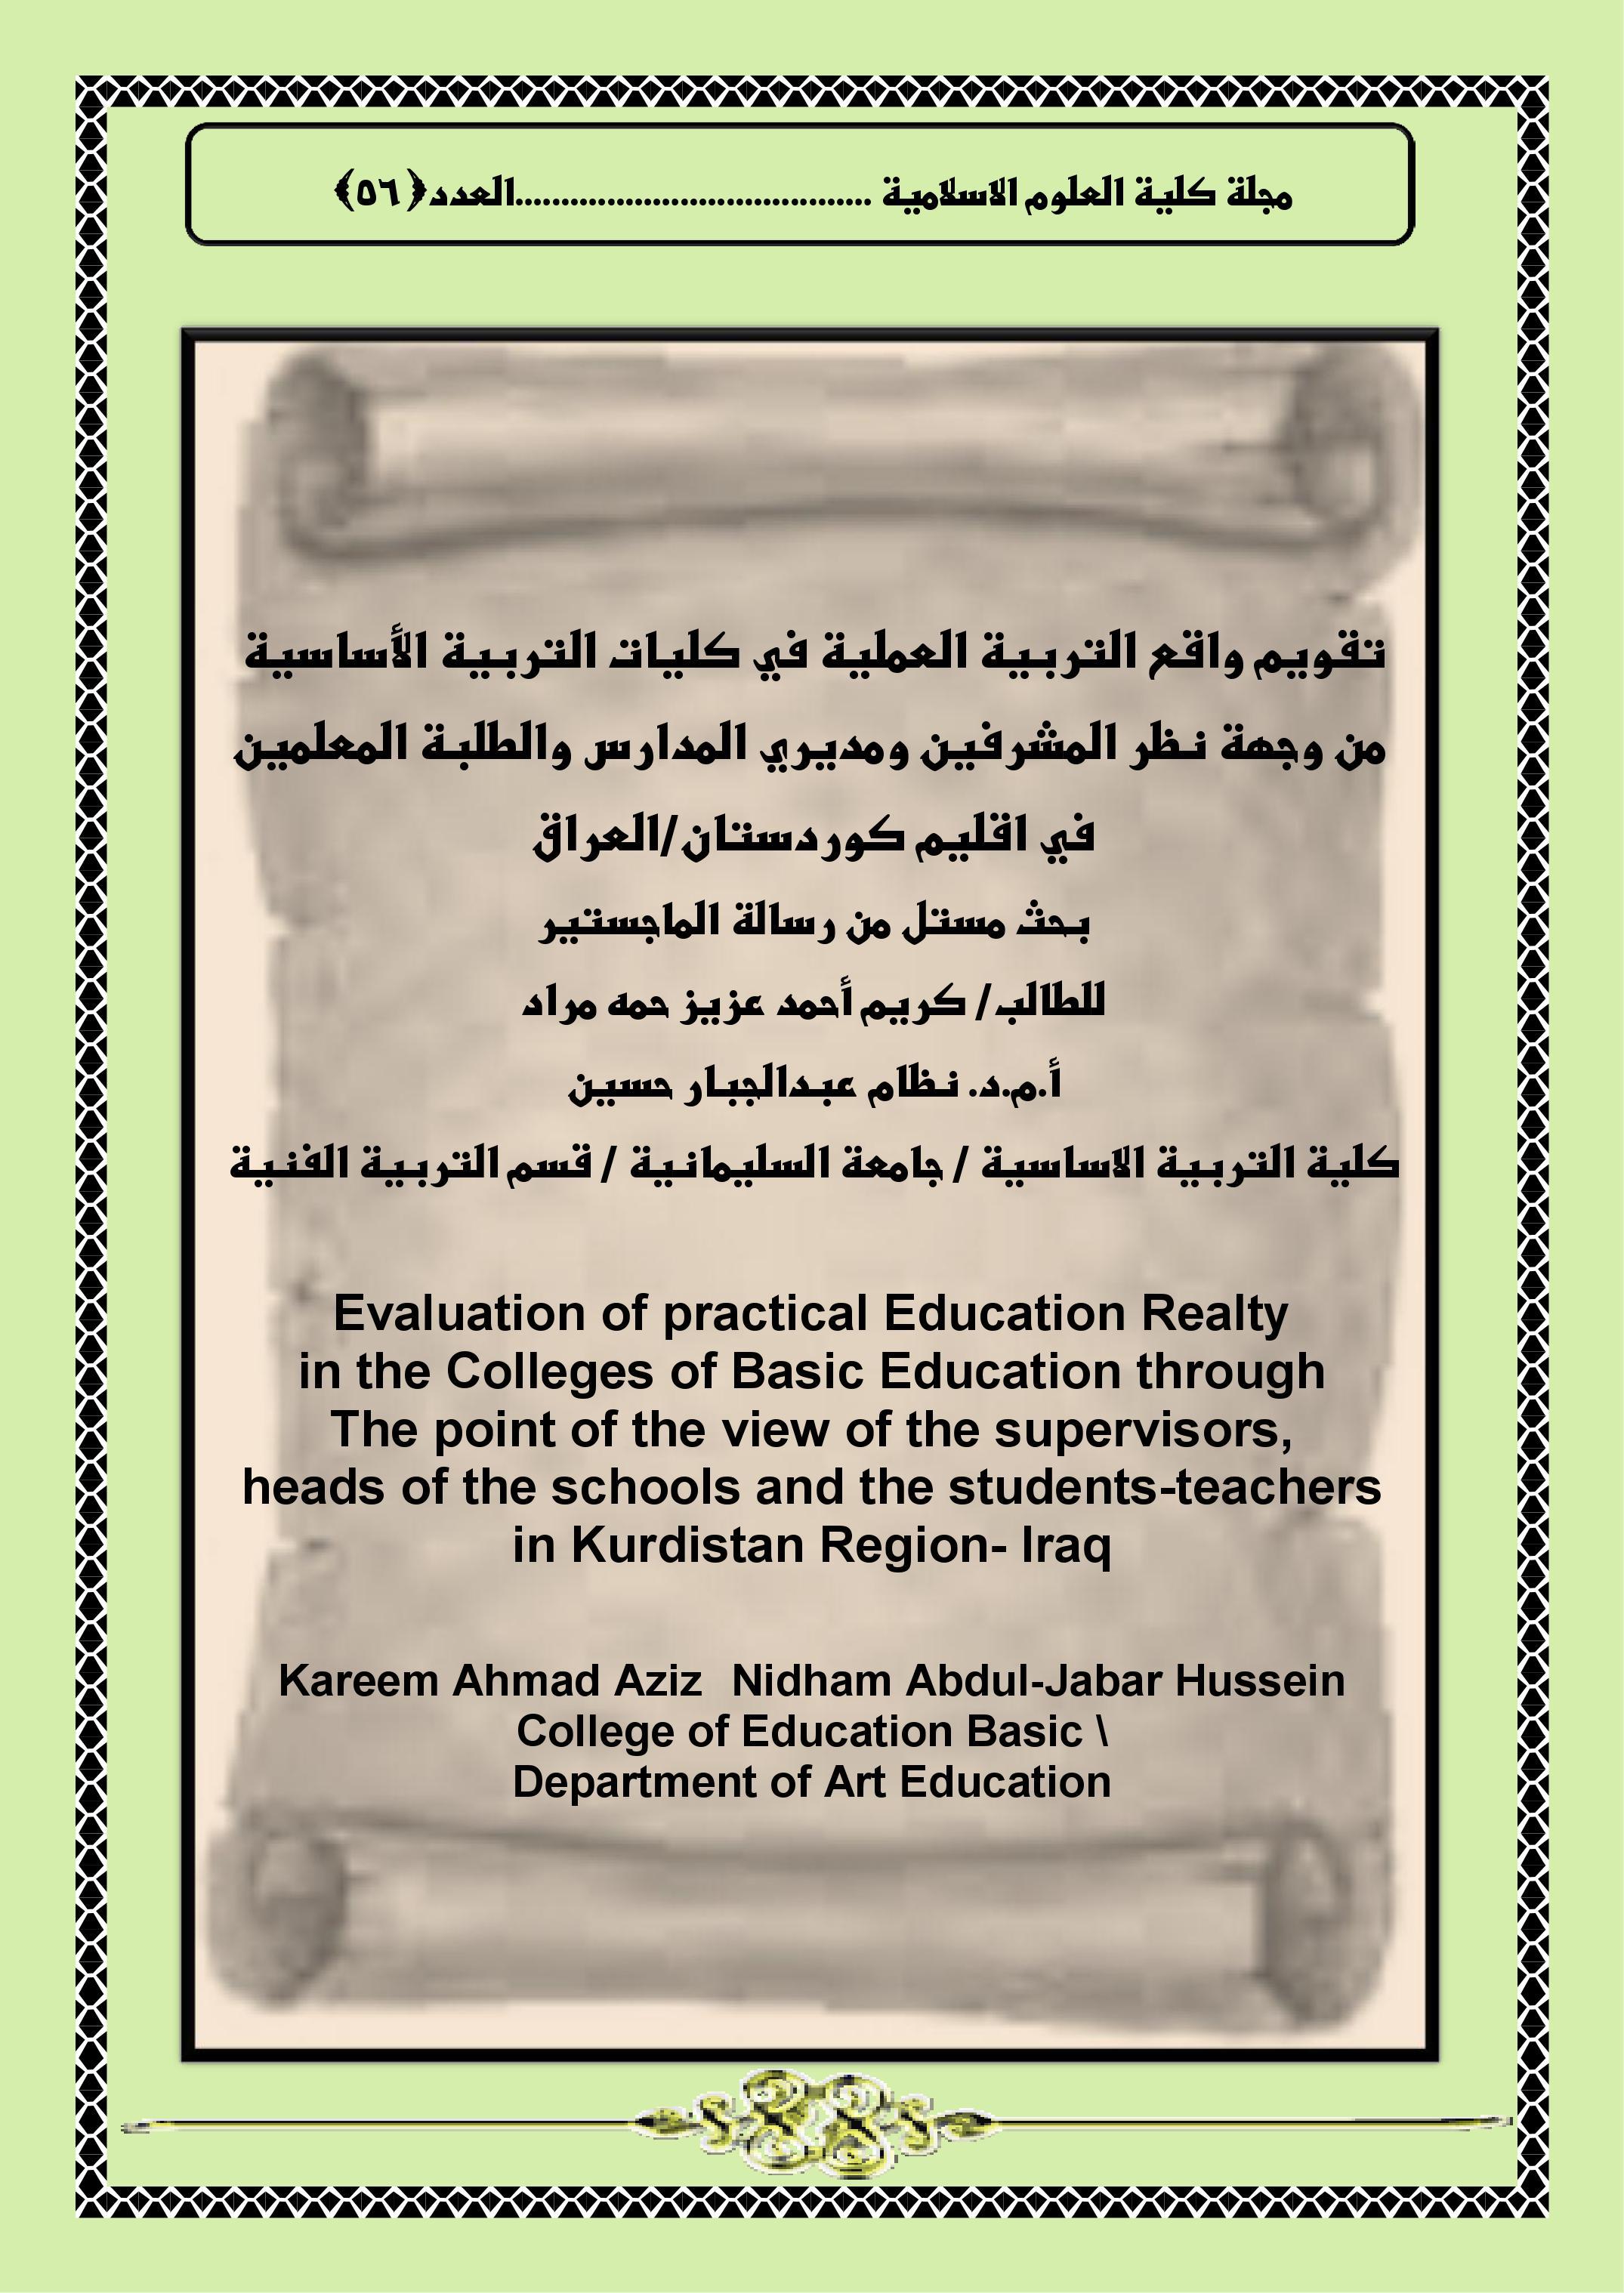 تقويم واقع التربية العملية في كليات التربية الأساسية  من وجهة نظر المشرفين ومديري المدارس والطلبة المعلمين في اقليم كوردستان/العراق